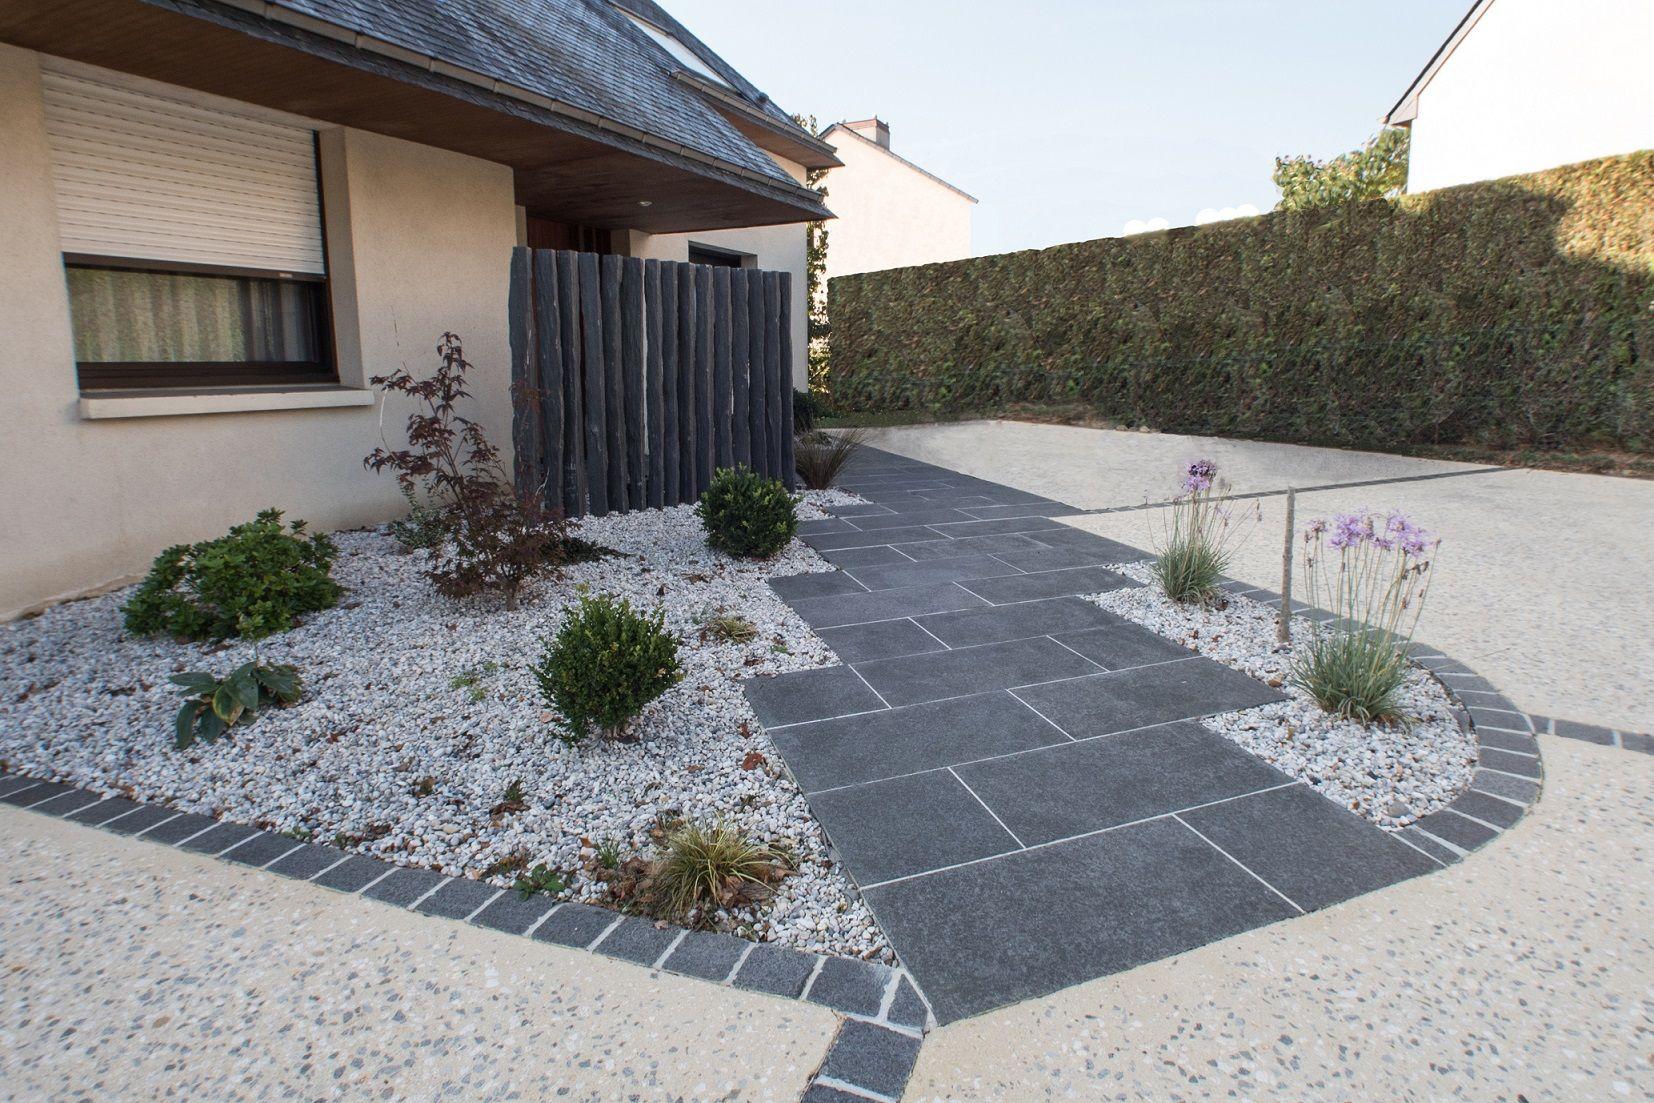 100 Fantastique Concepts Deco Jardin Avec Pave